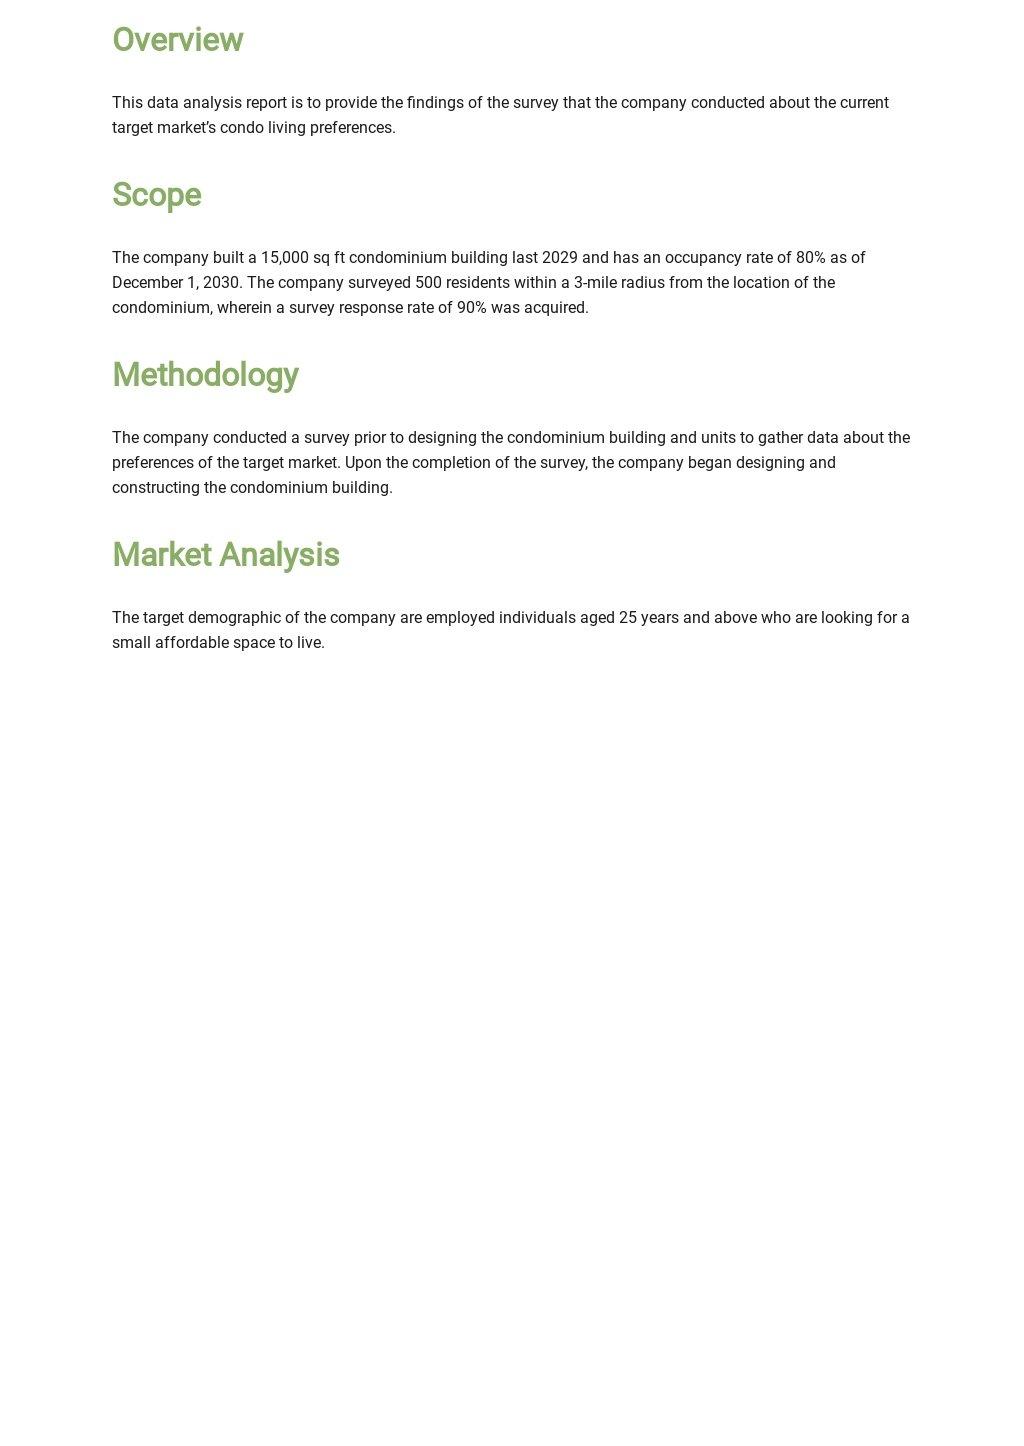 Data Analysis Report Template 1.jpe